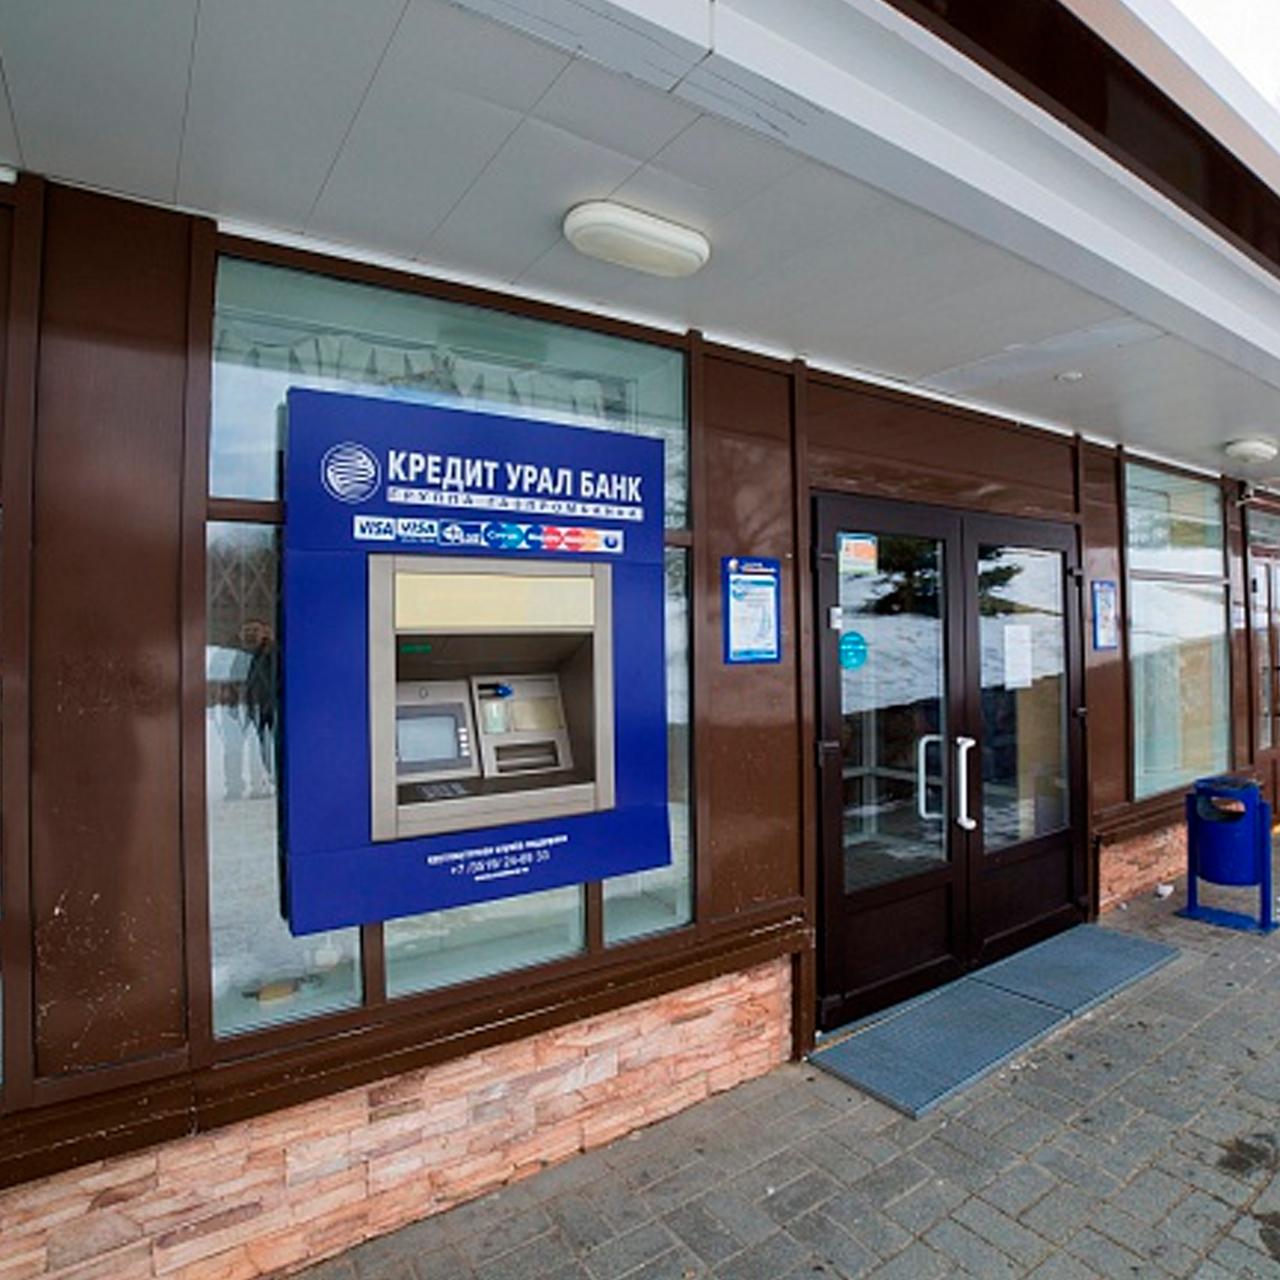 Кредит урал банк регистрация